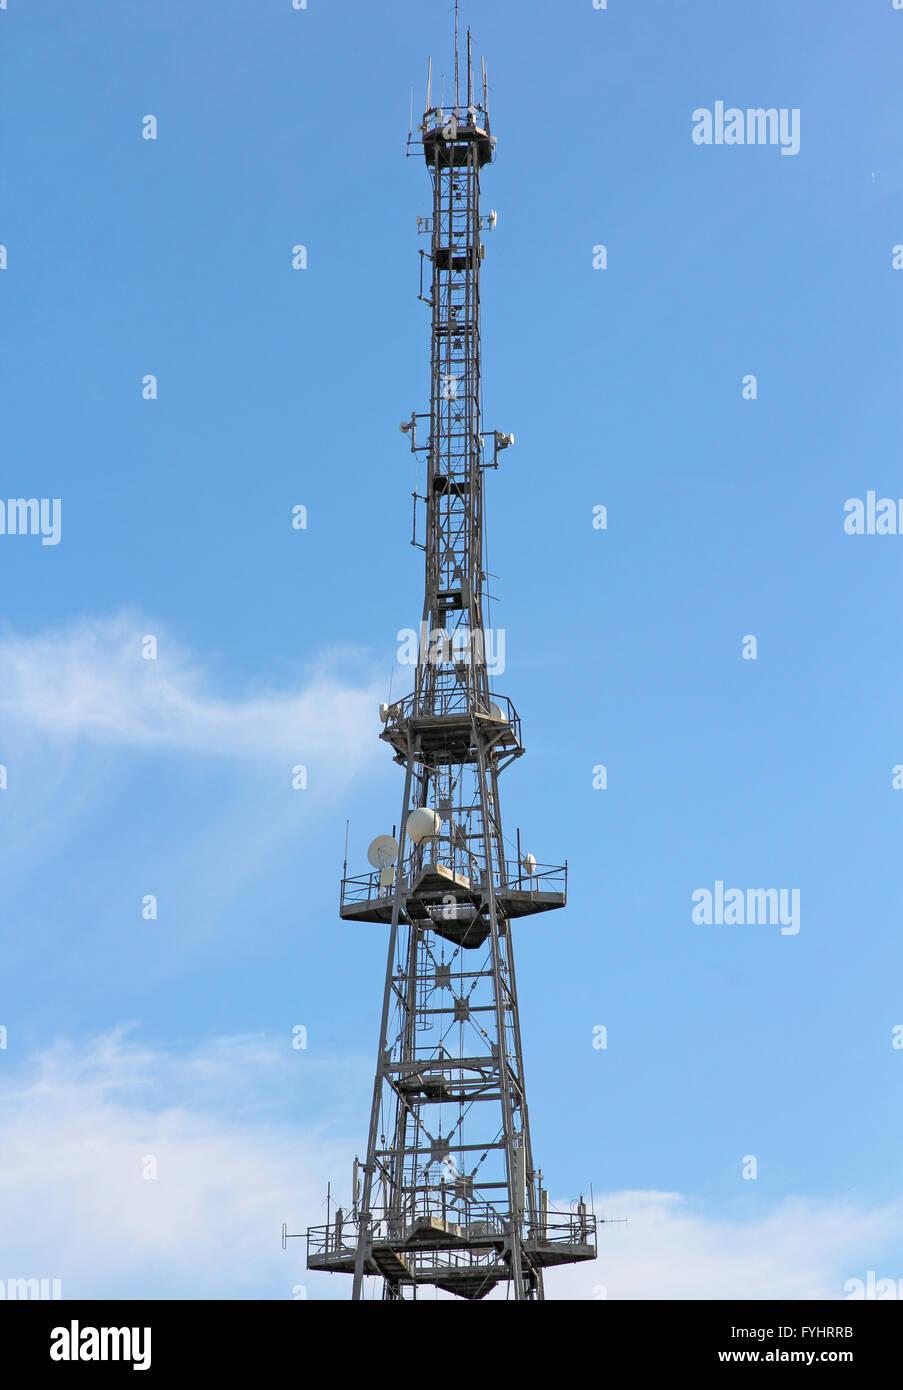 Kommunikations-Turm für tv und Handy-Signale Stockbild